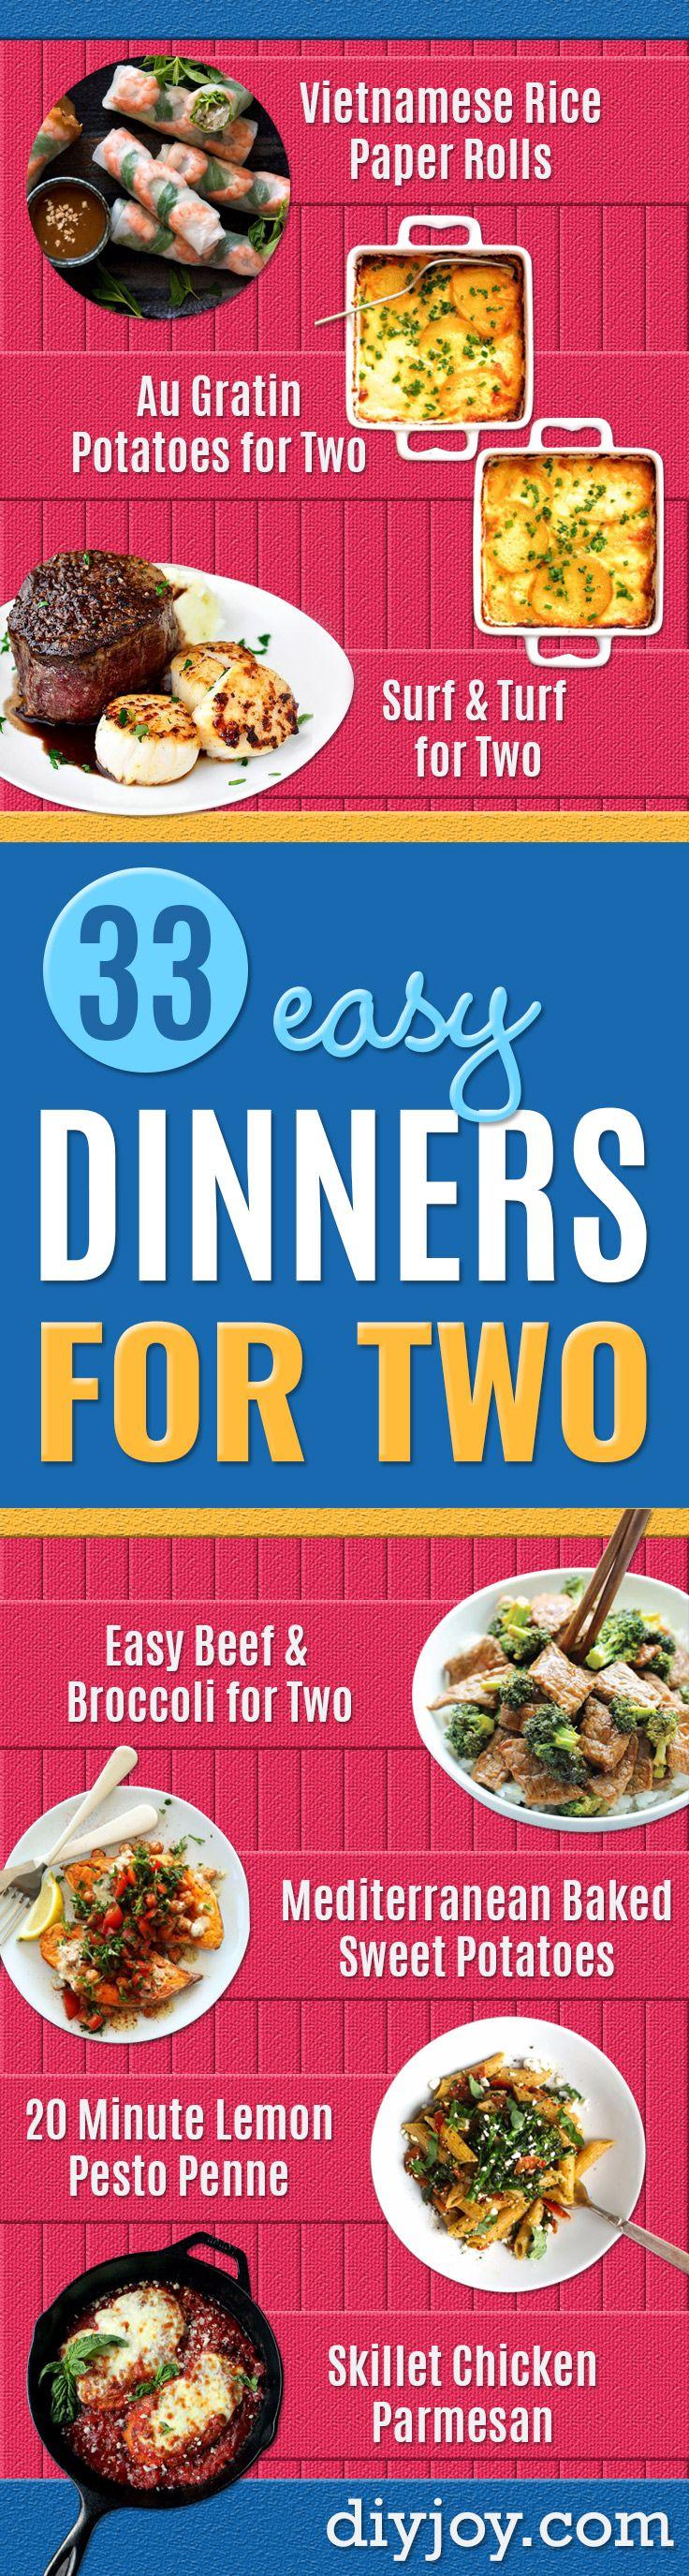 33 easy dinner recipes for two best dinner recipes pinterest